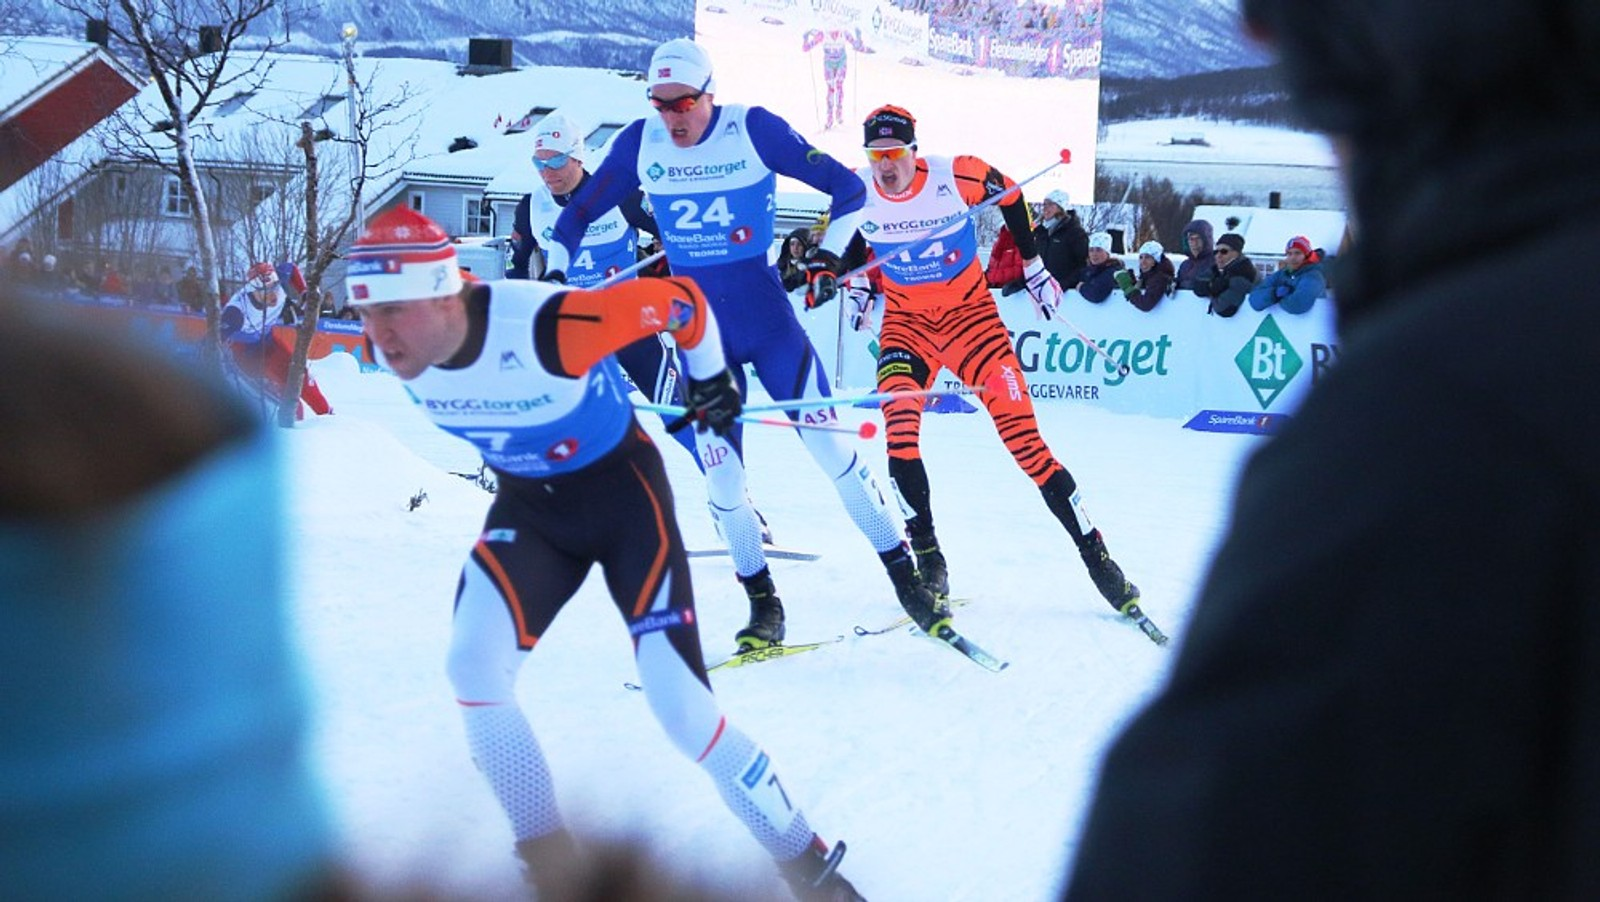 Det gikk fort for seg under sprinten i NM på ski.